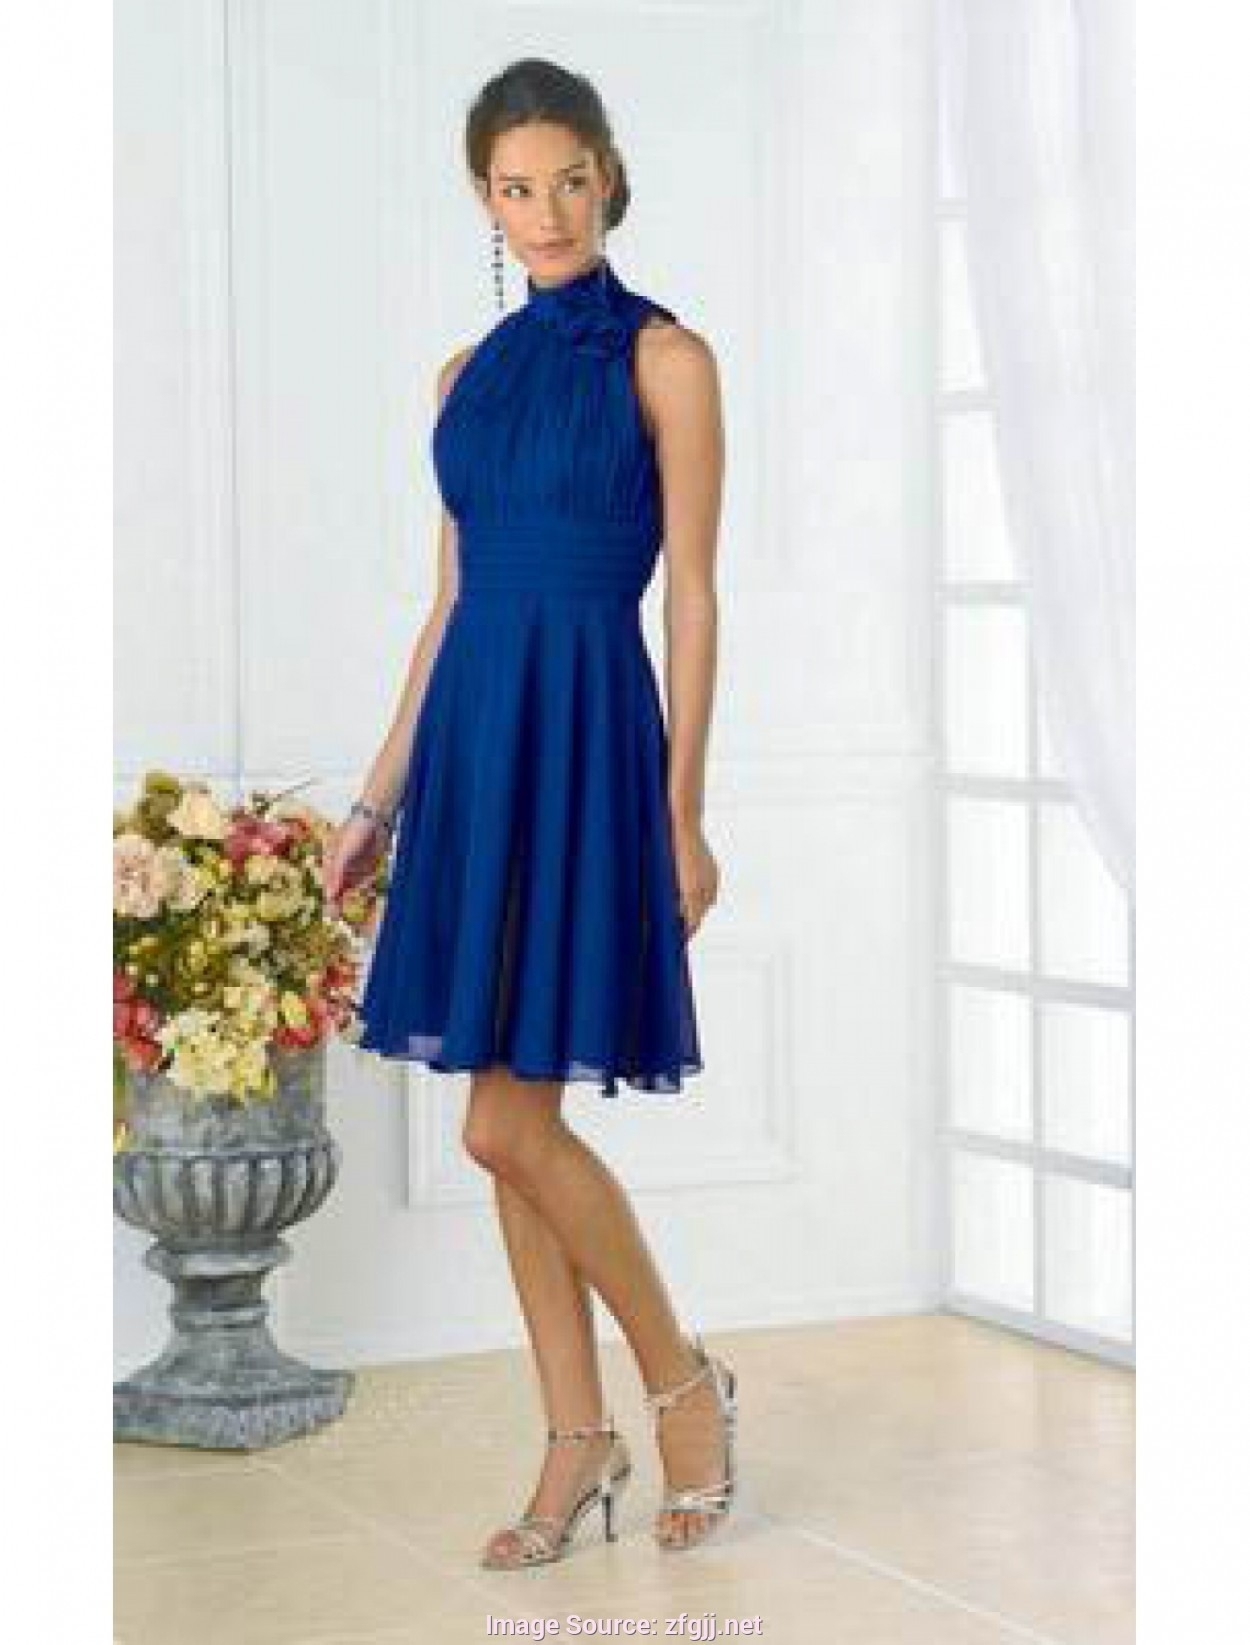 Formal Ausgezeichnet Kleid Blau Hochzeit BoutiqueFormal Spektakulär Kleid Blau Hochzeit Spezialgebiet